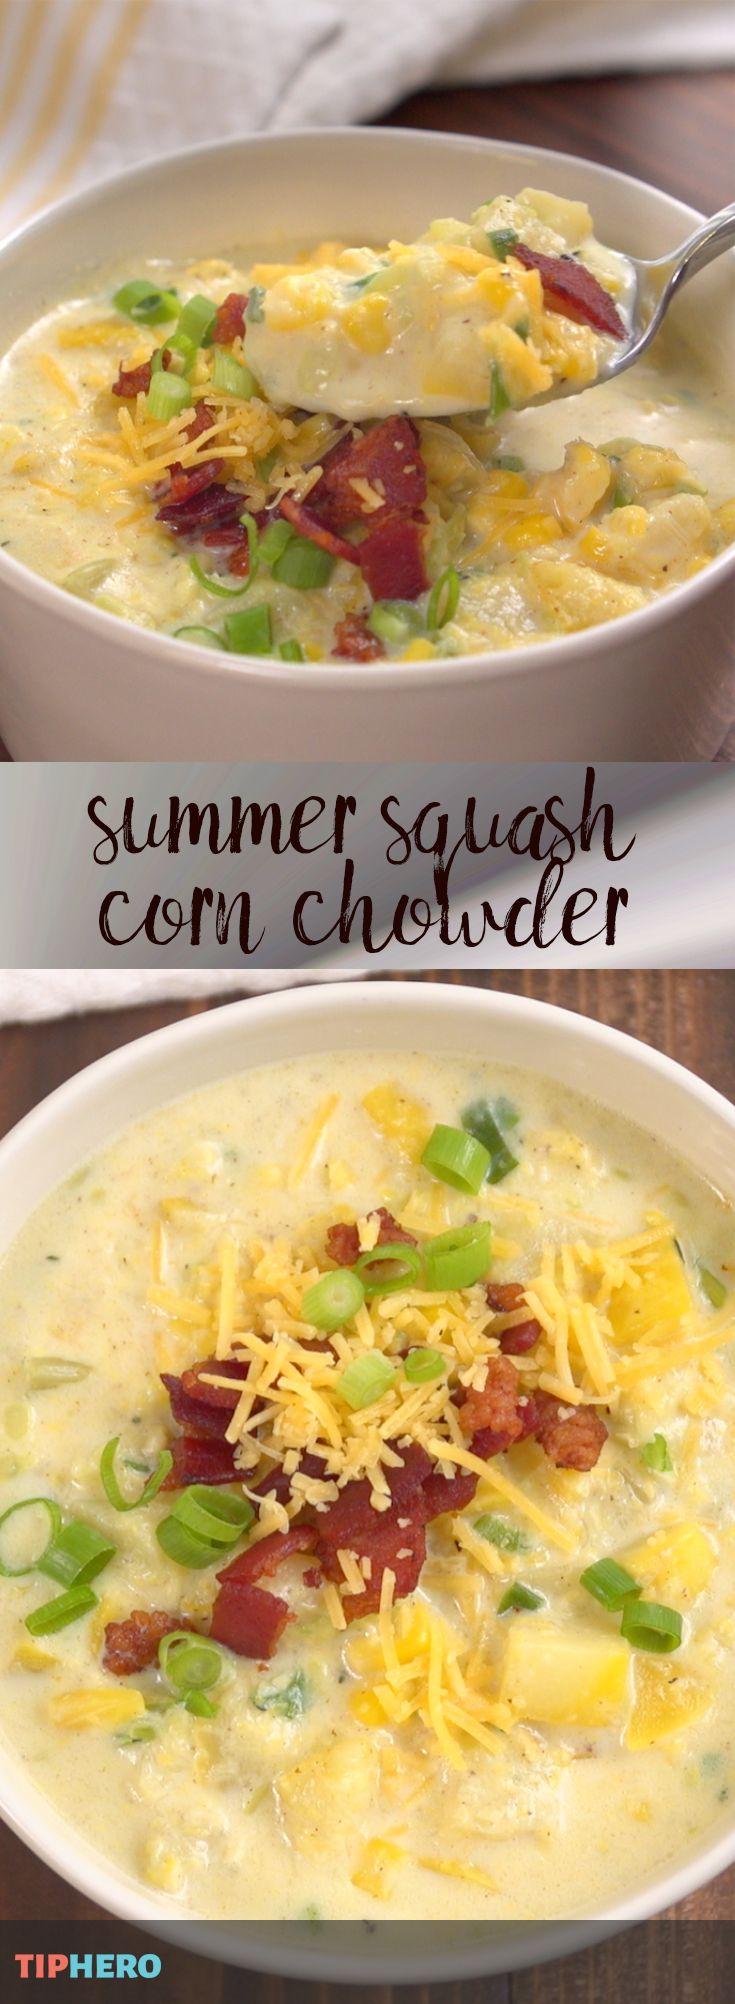 Varieties Of Squash on Pinterest | Blackcurrant Jam Recipe, Squash ...